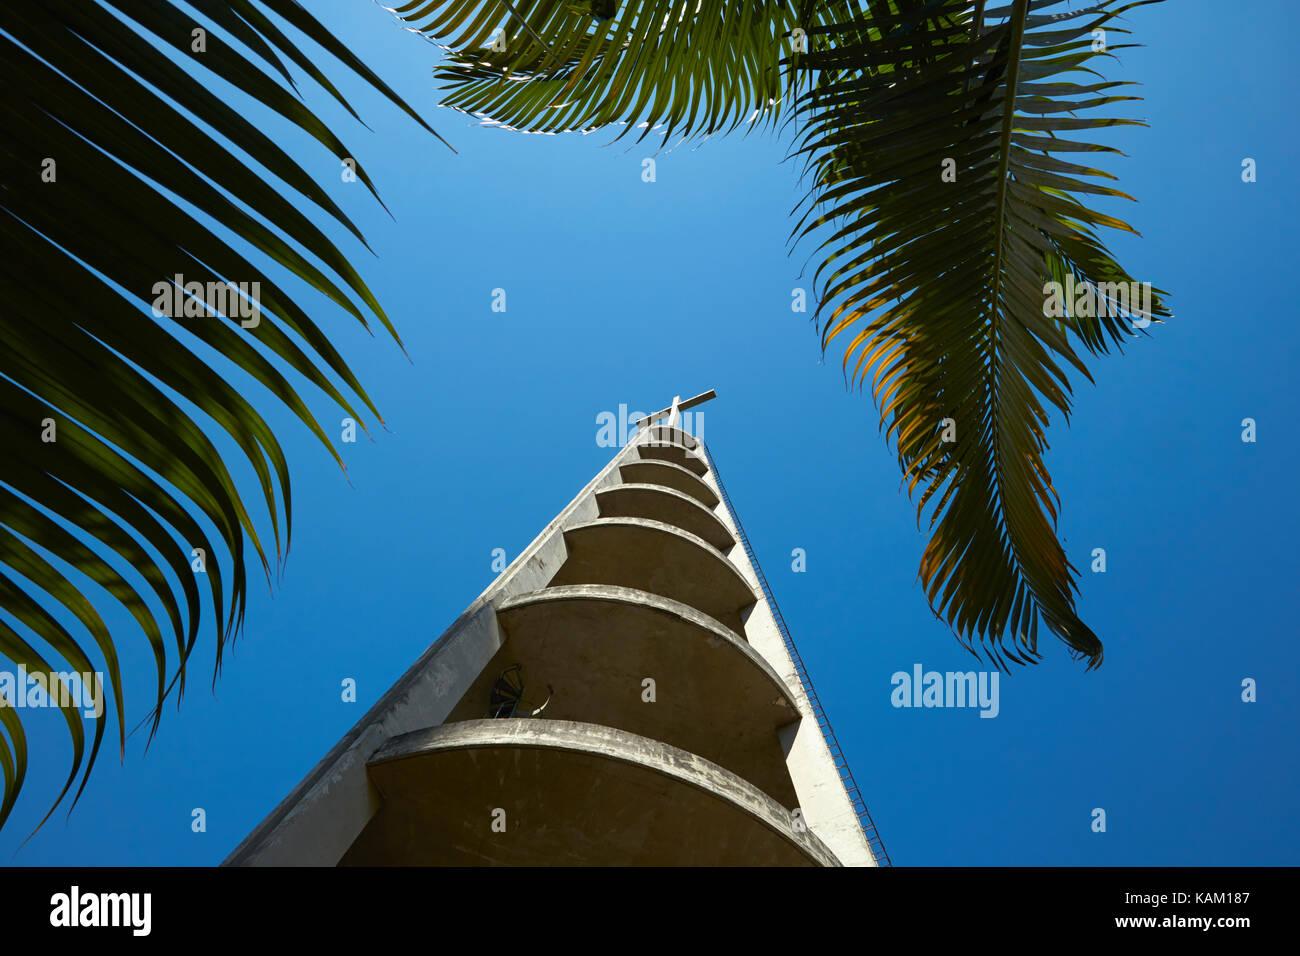 Bell tower, Catedral Metropolitana de São Sebastião, Centro, Rio de Janeiro, Brazil, South America - Stock Image